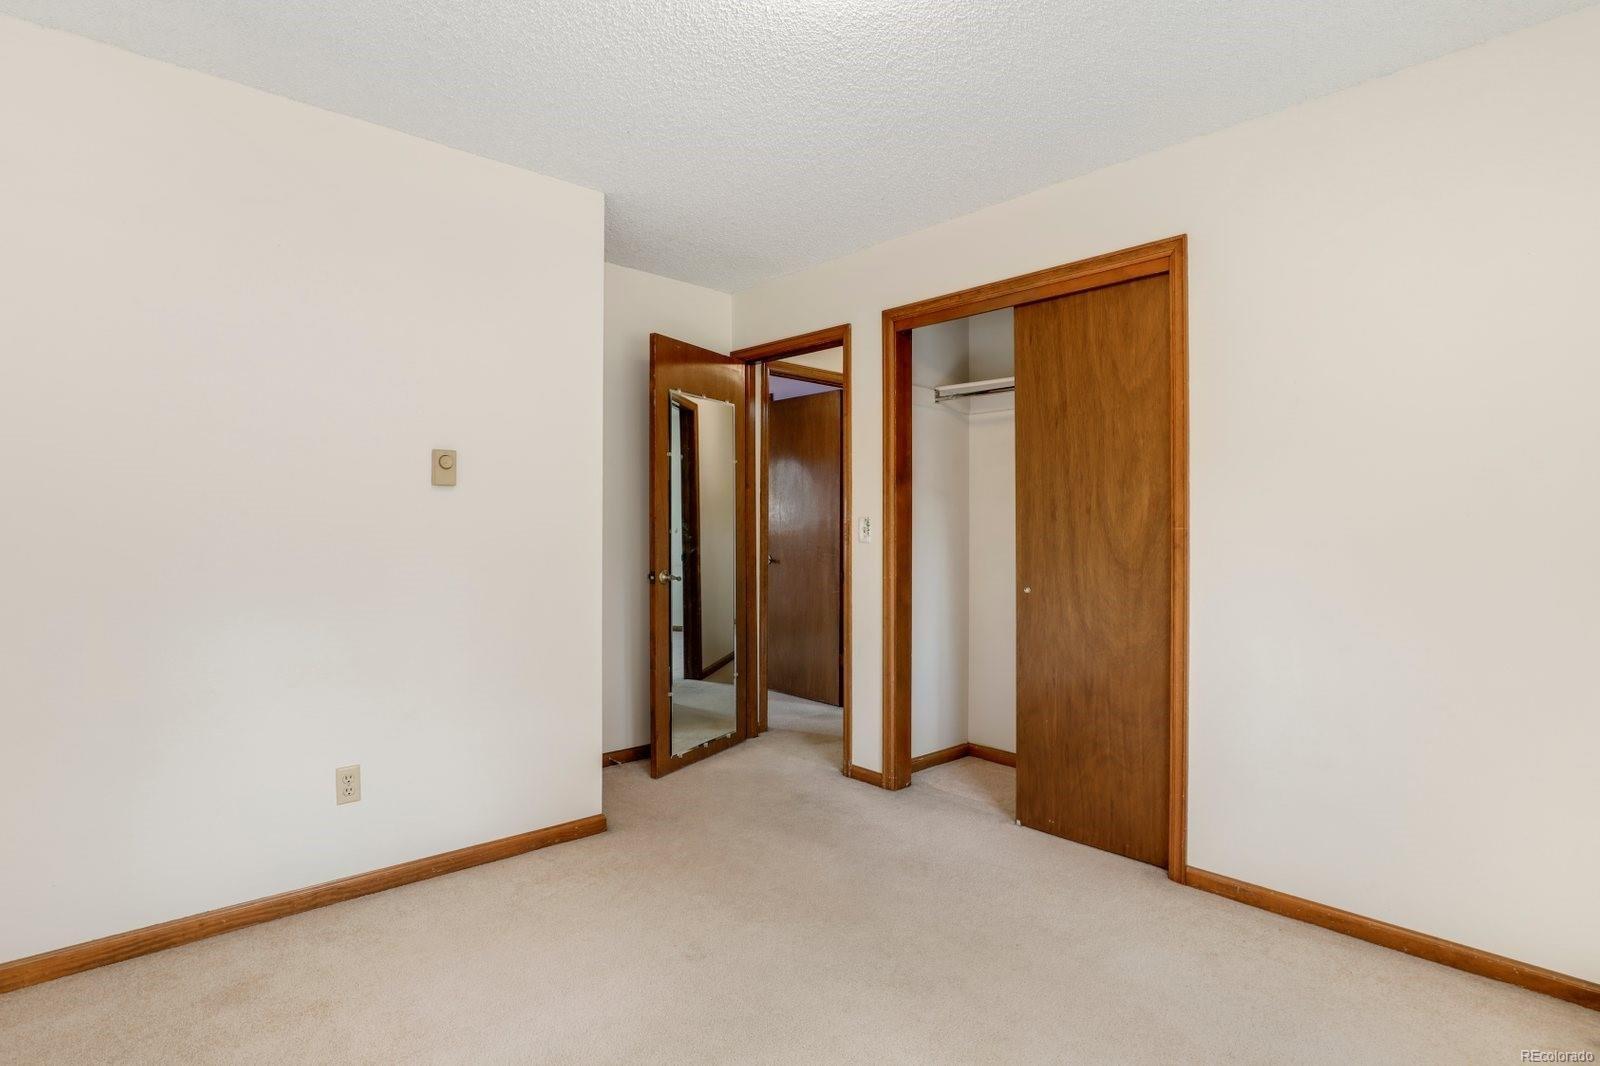 MLS# 9388293 - 25 - 920 Coral Court, Castle Rock, CO 80104